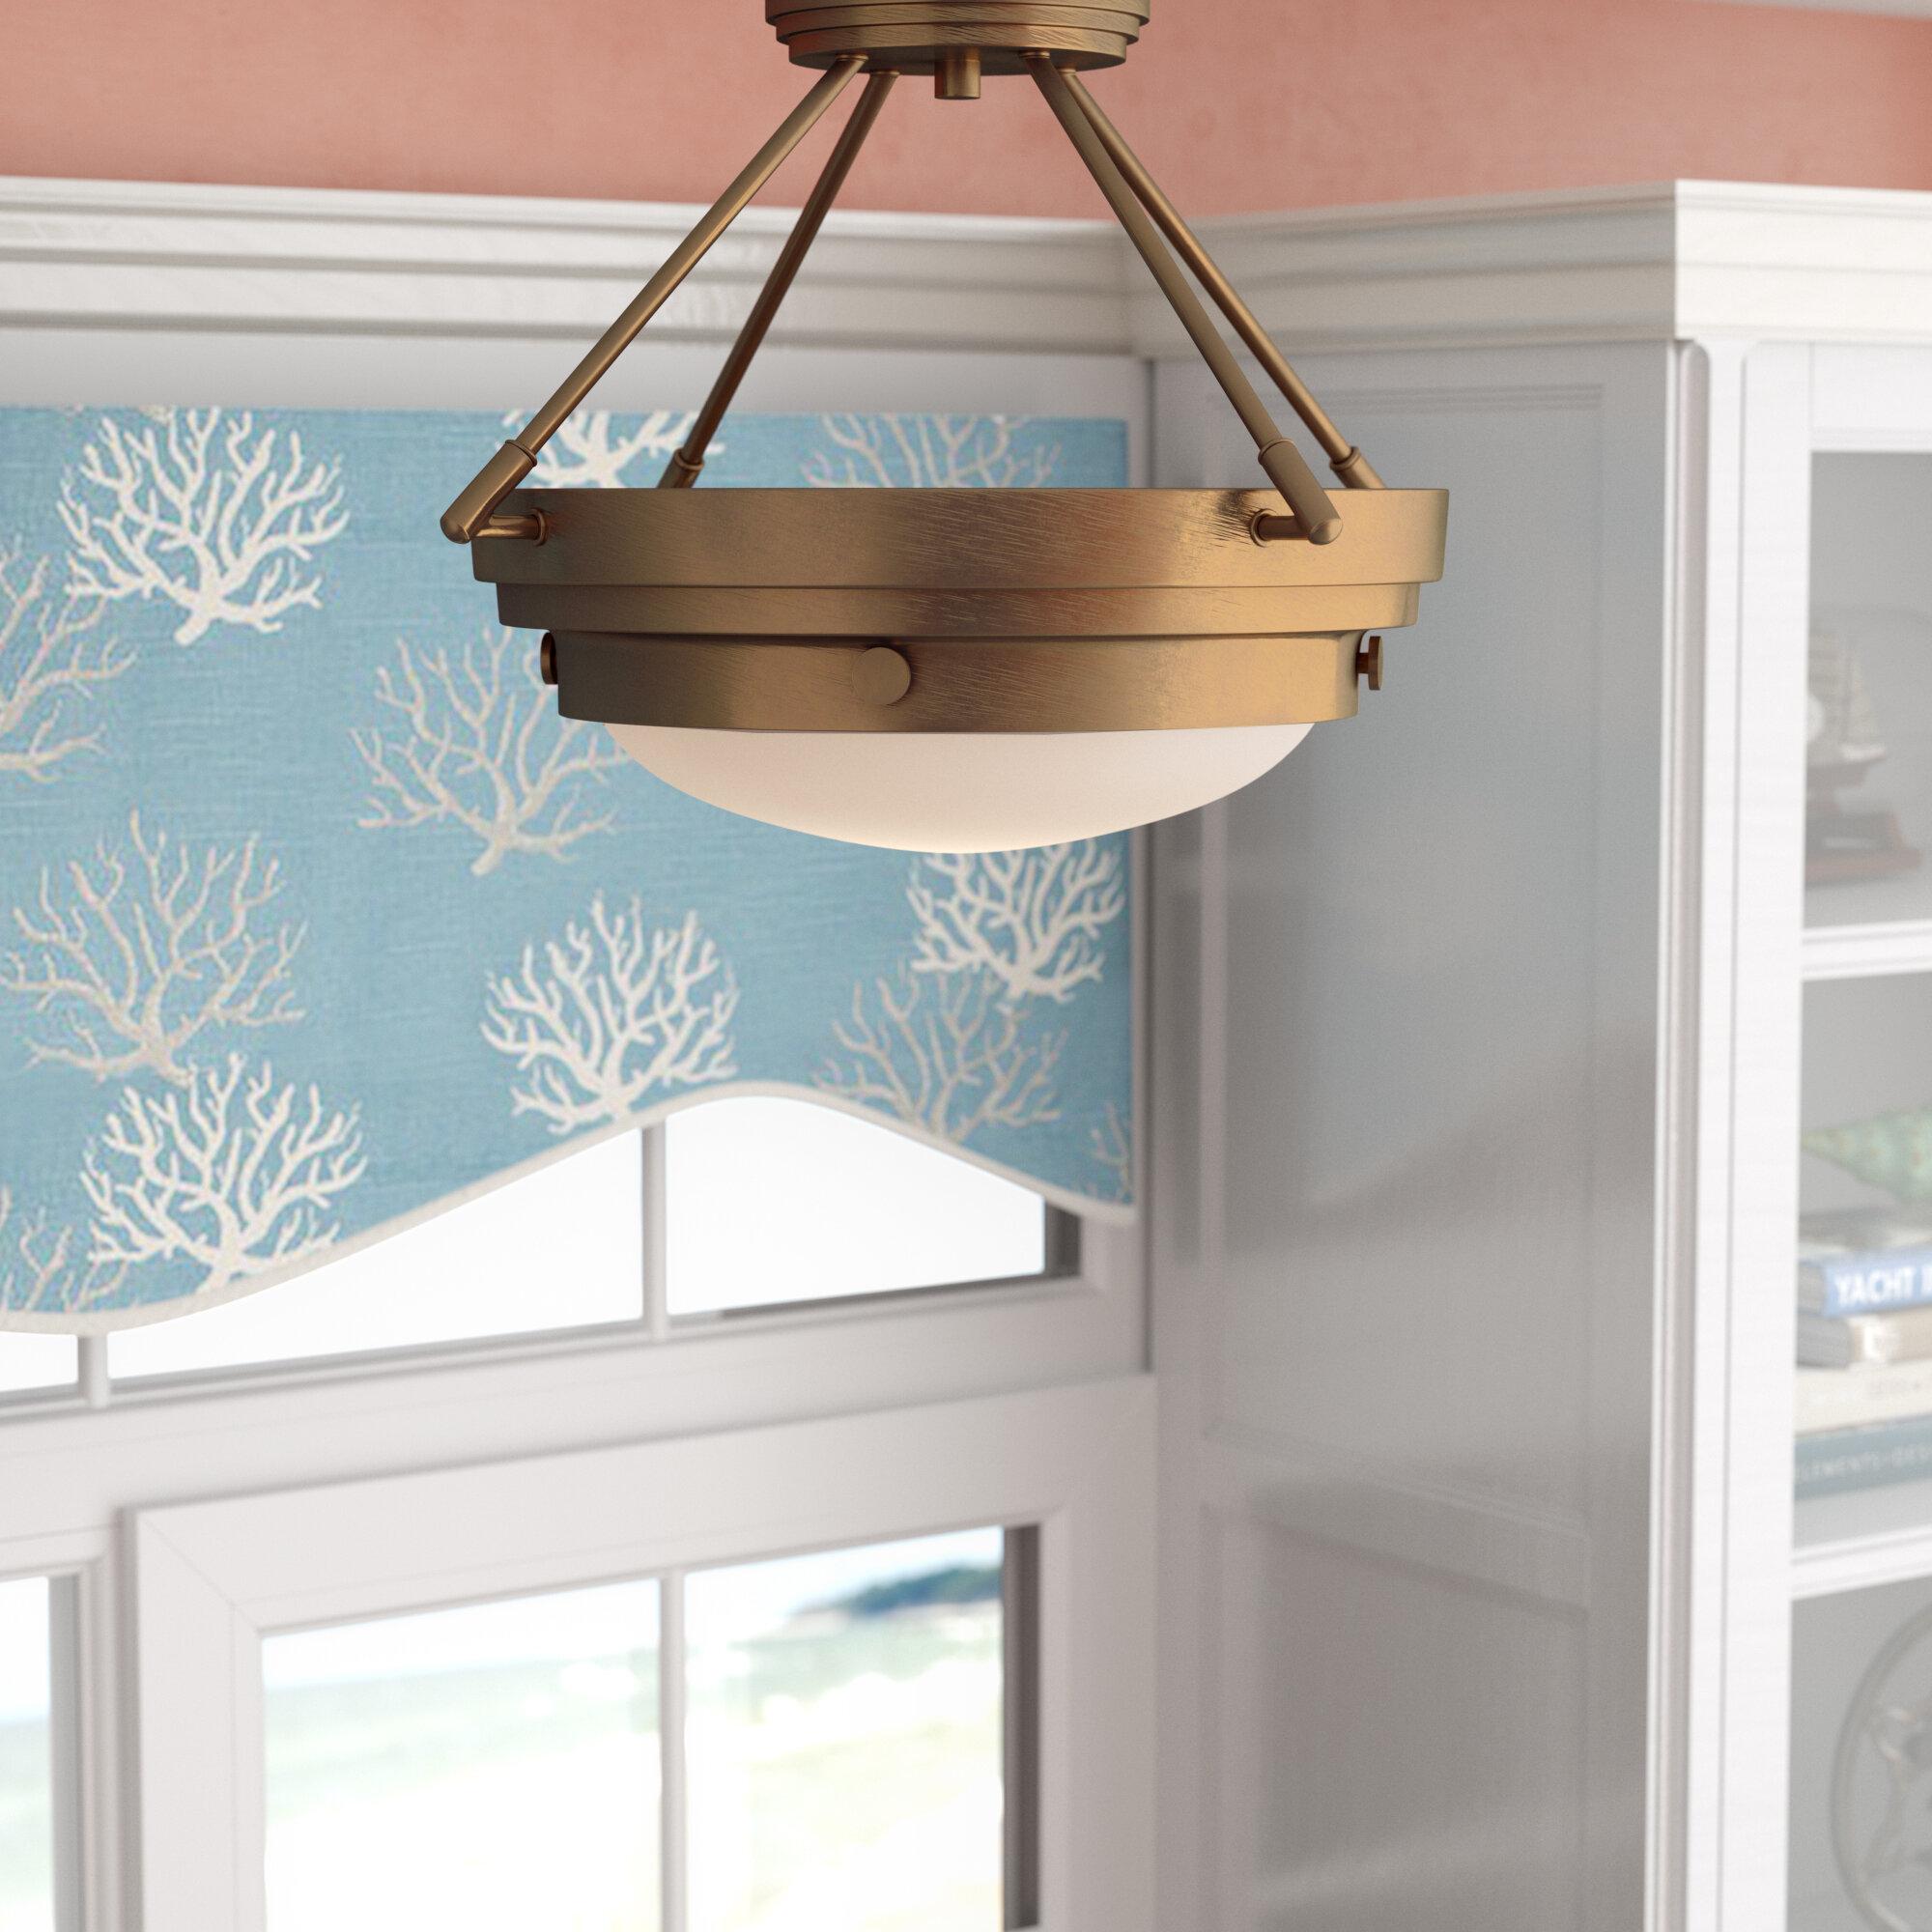 Beachcrest Home Aralene 3-Light Semi-Flush Mount & Reviews | Wayfair